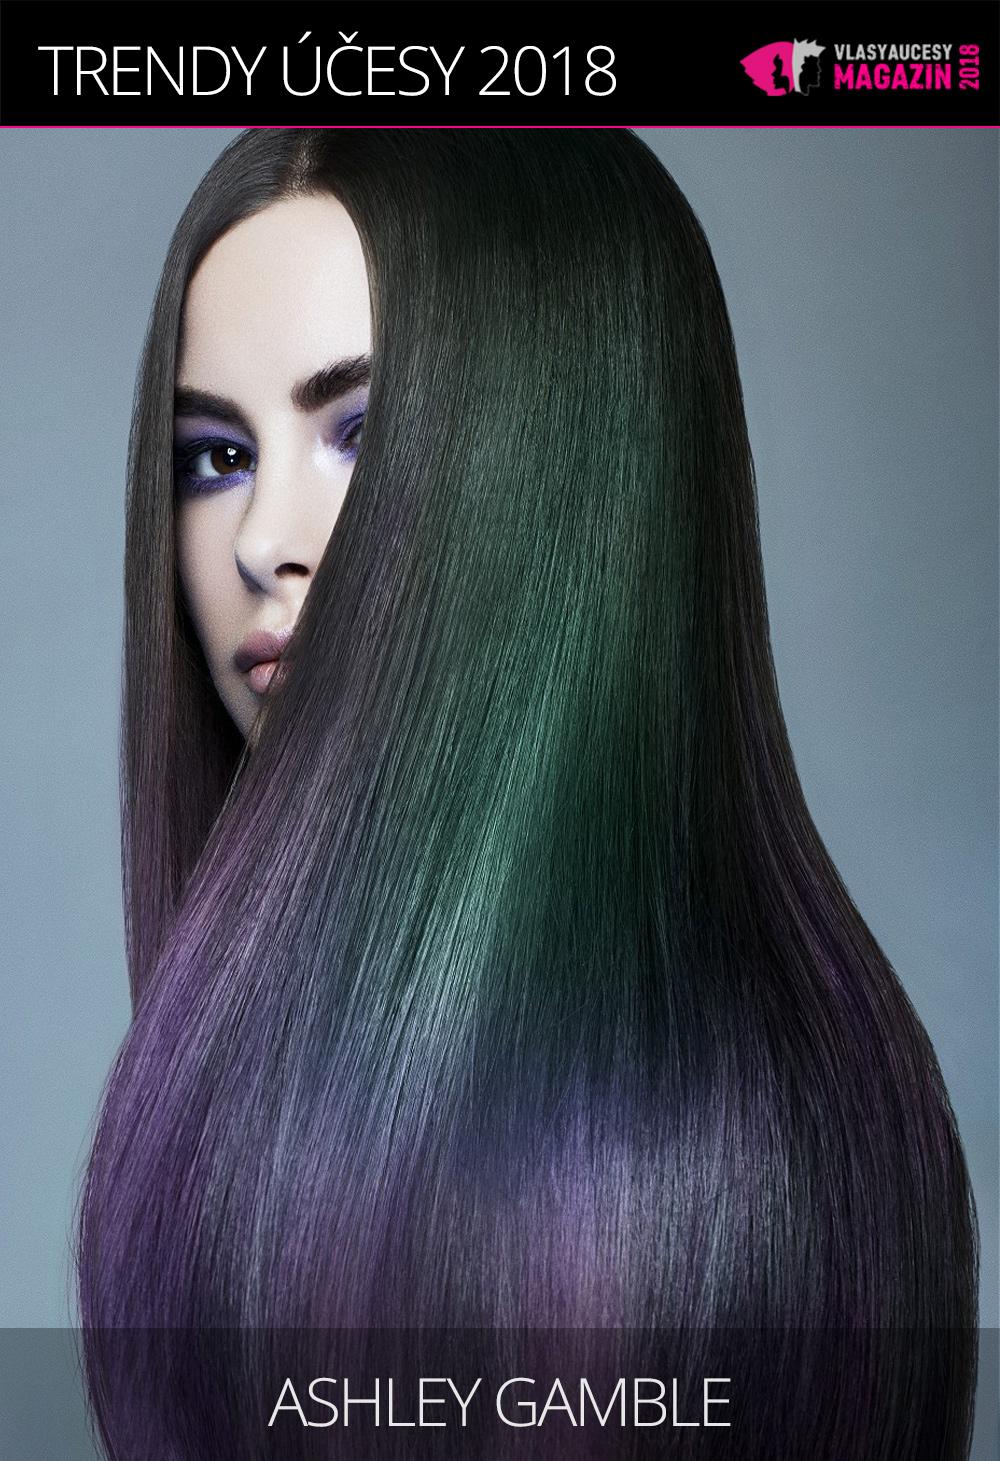 I ty pro vlasy nejméně přirozené barvy musí v našich vlasech působit zcela přirozeně. Dopřejte si umění nového tónování. (Ashley Gamble, Luna – Moon Goddness)